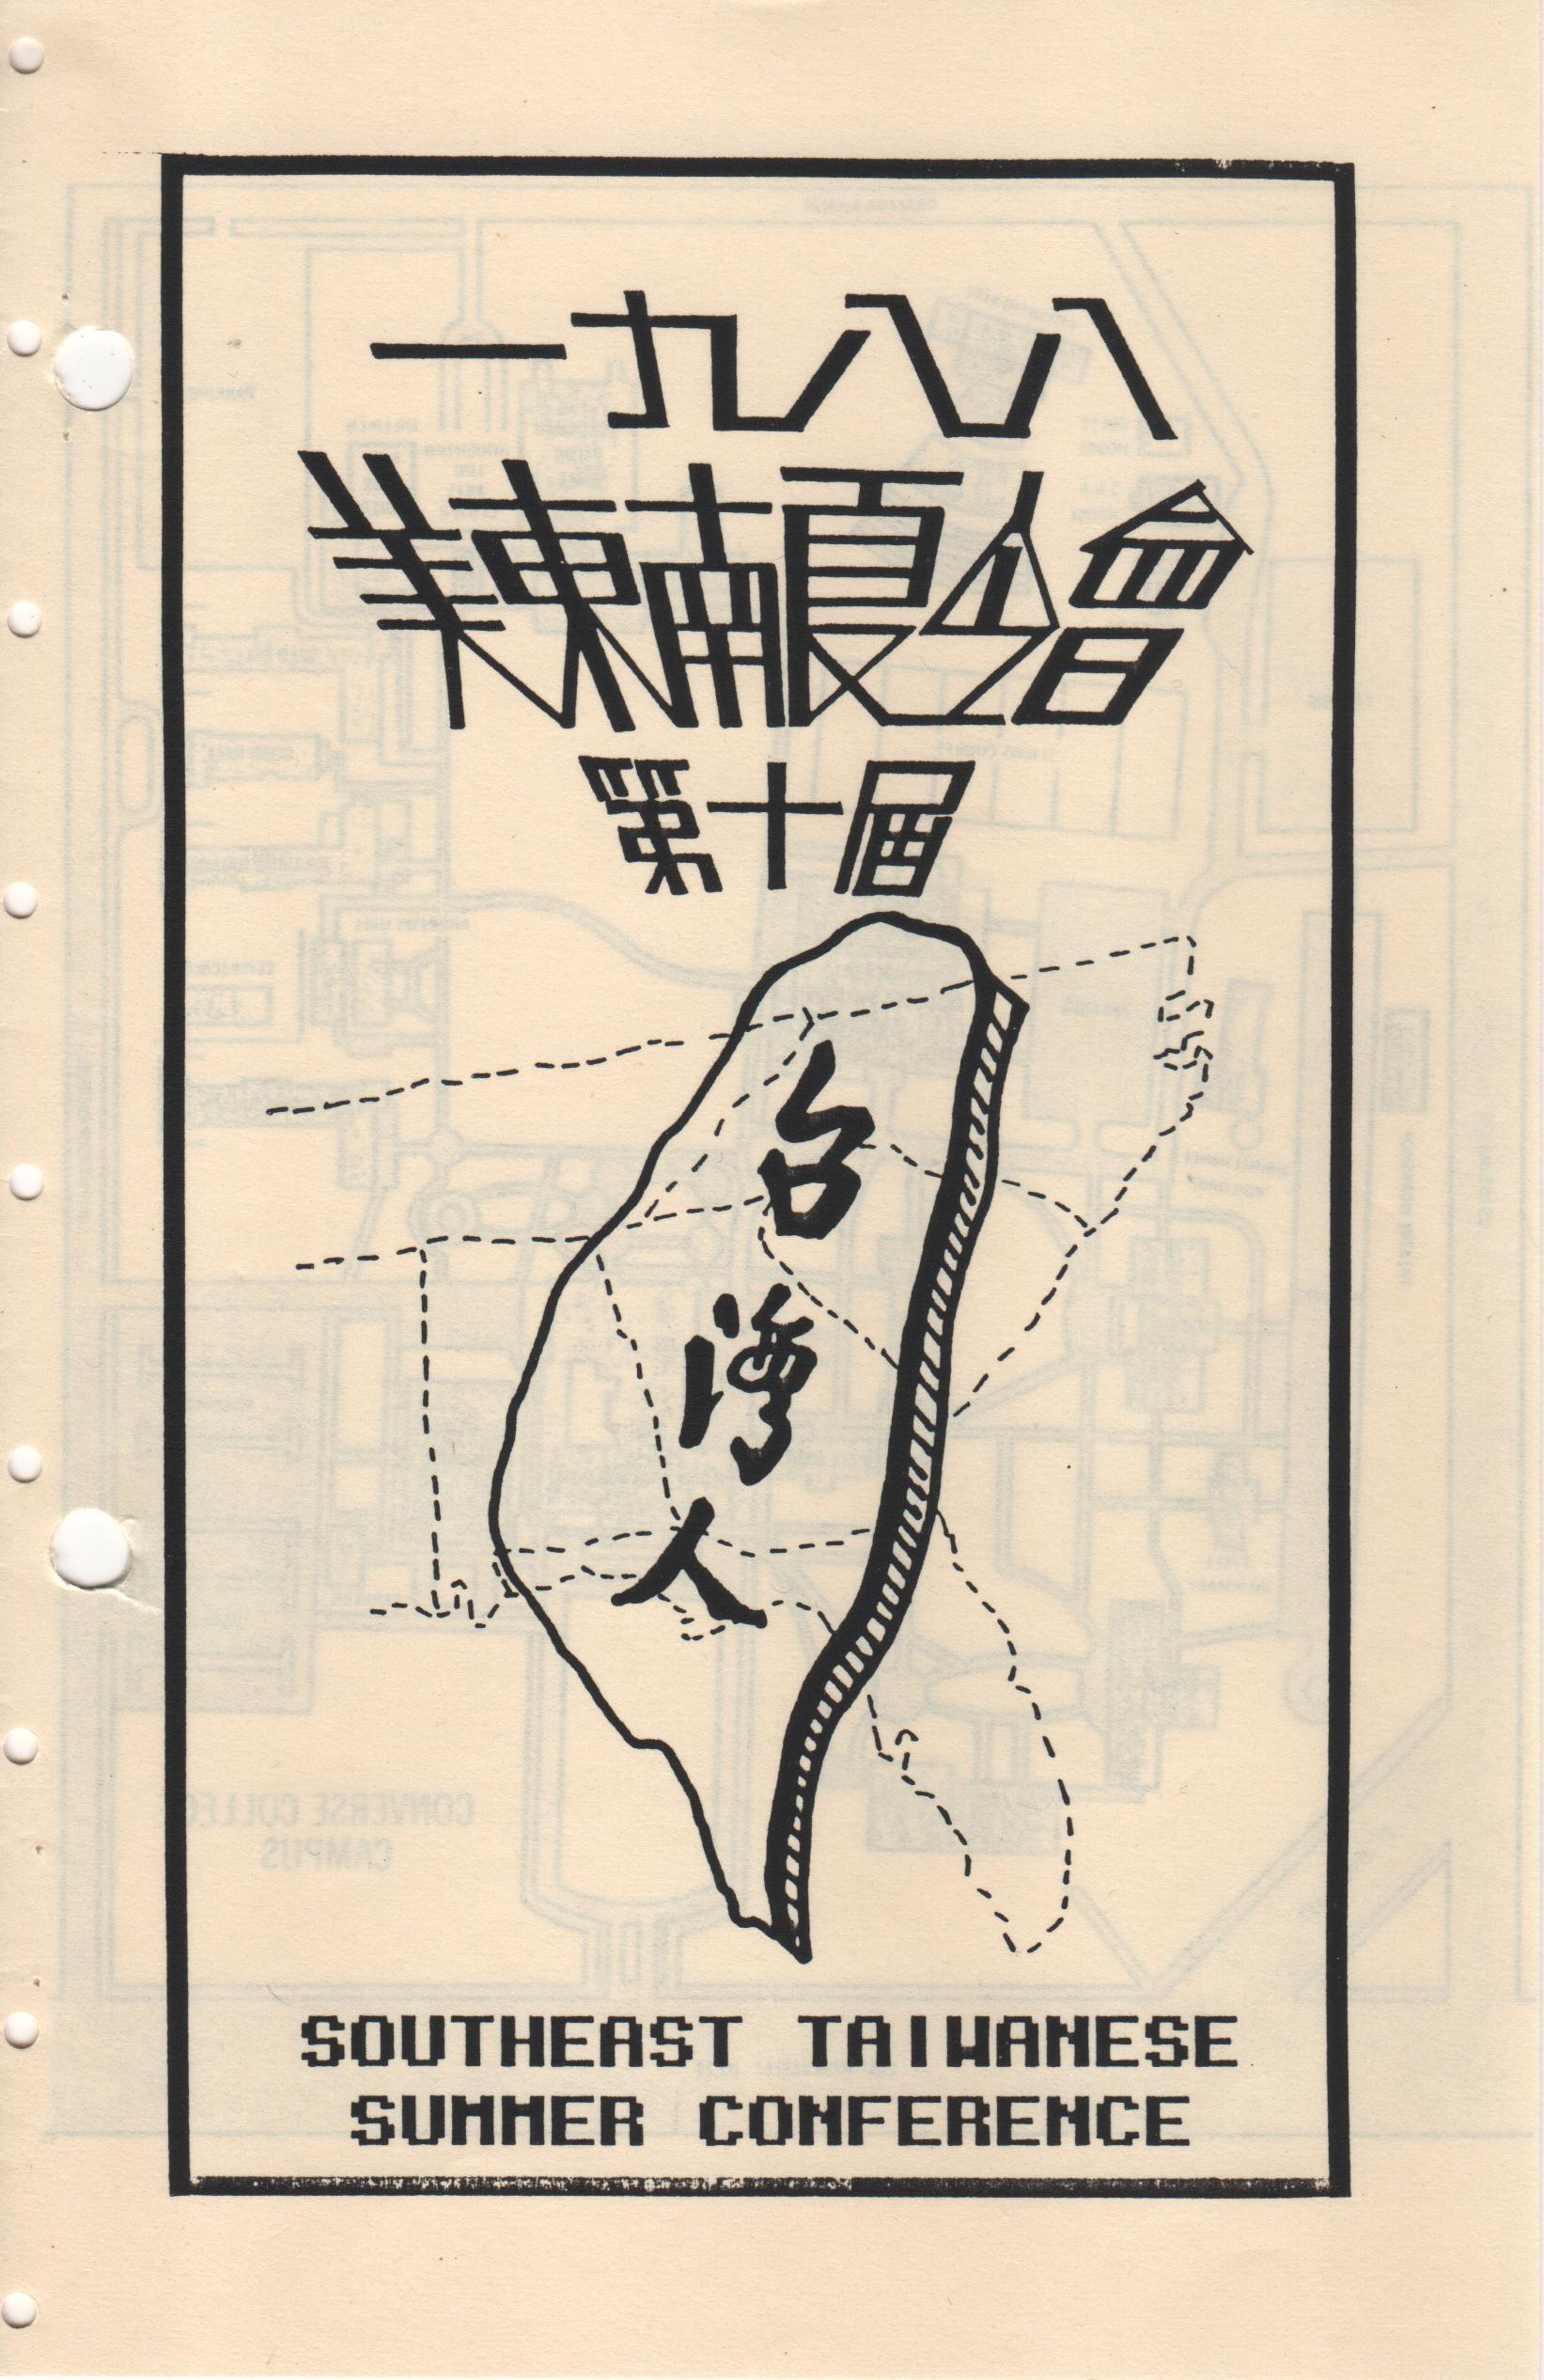 SETAA 1988